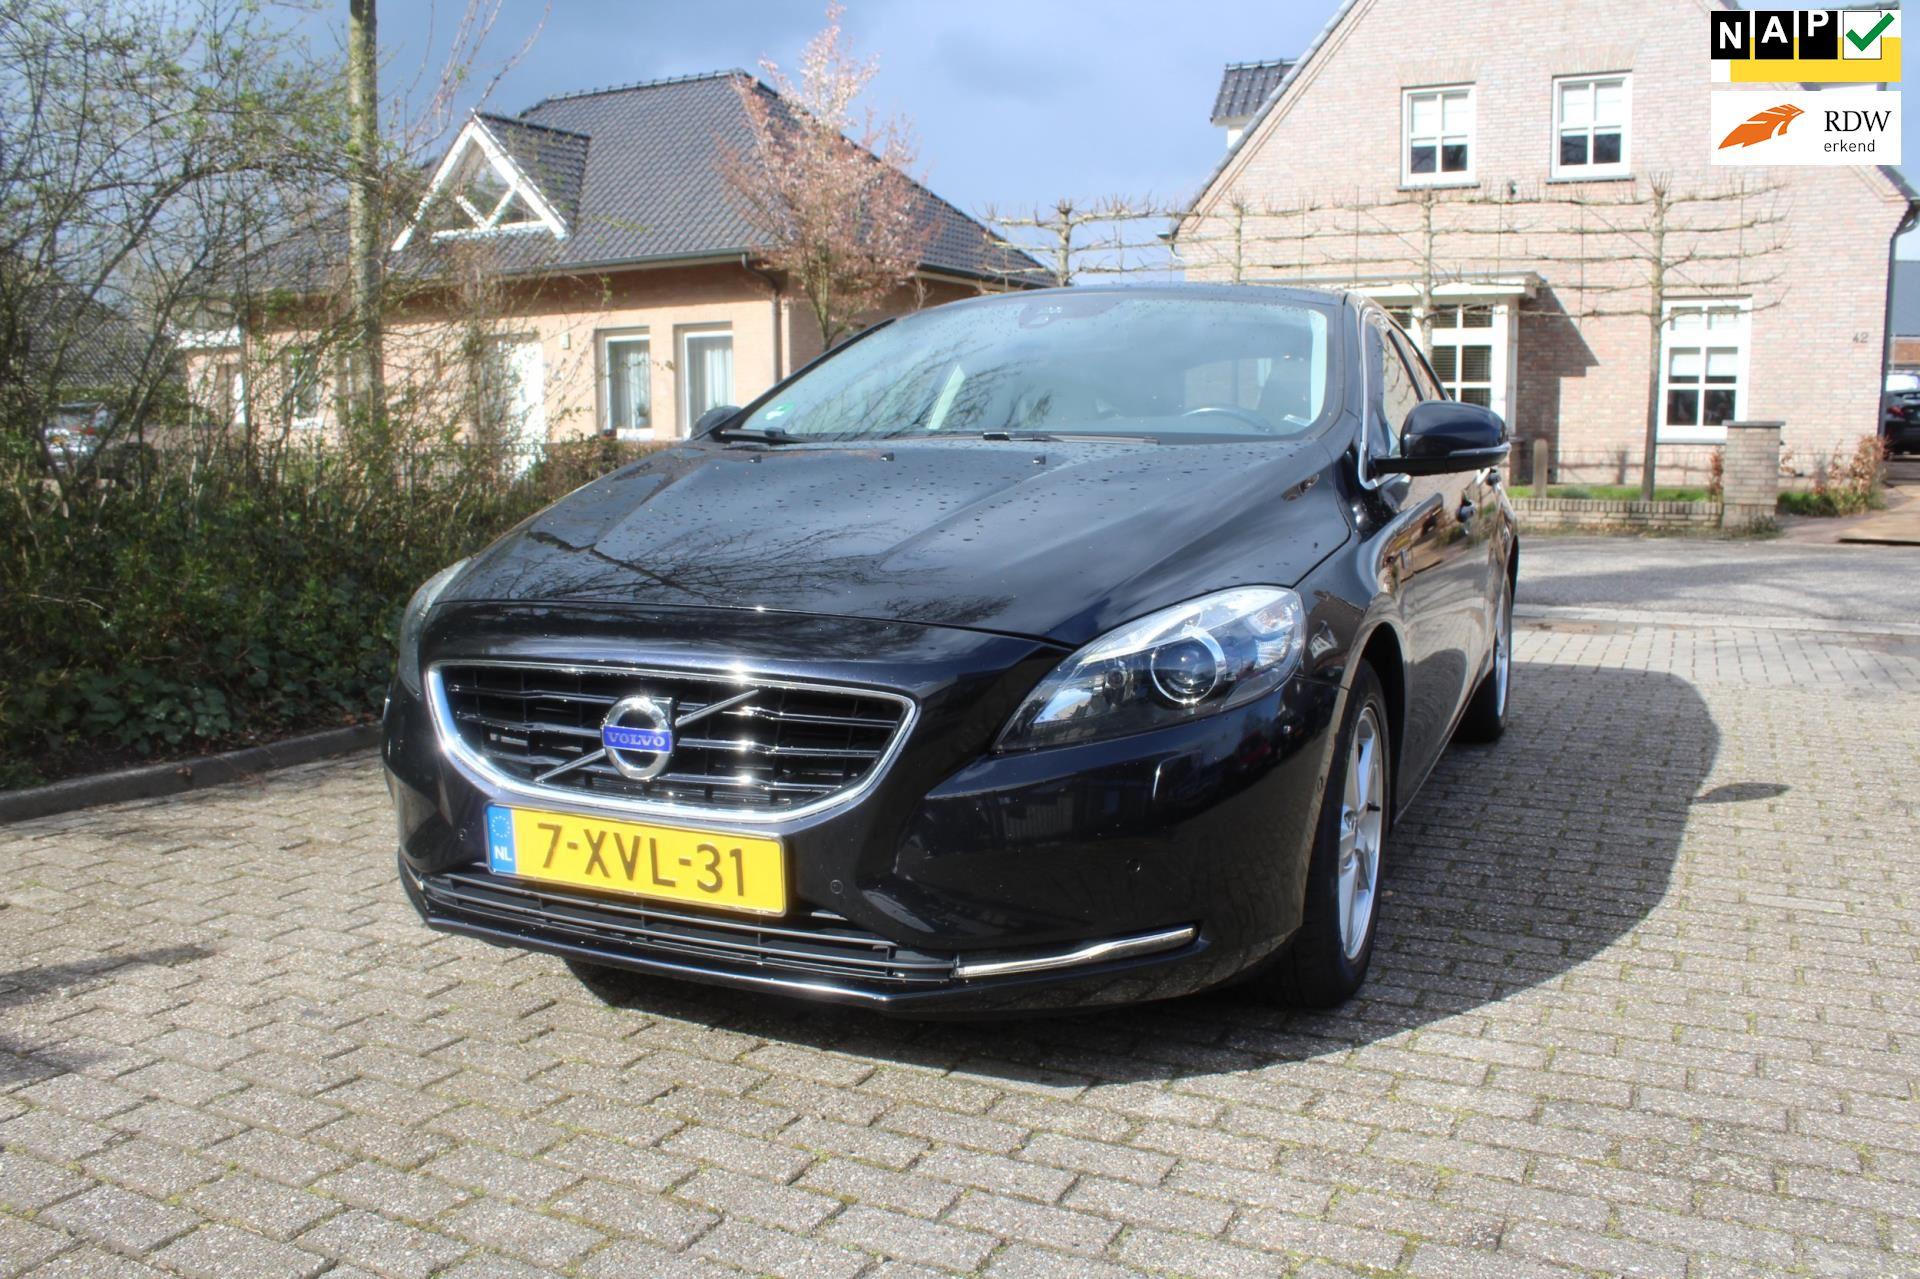 Volvo V40 occasion - Autogroothandel Ammerzoden